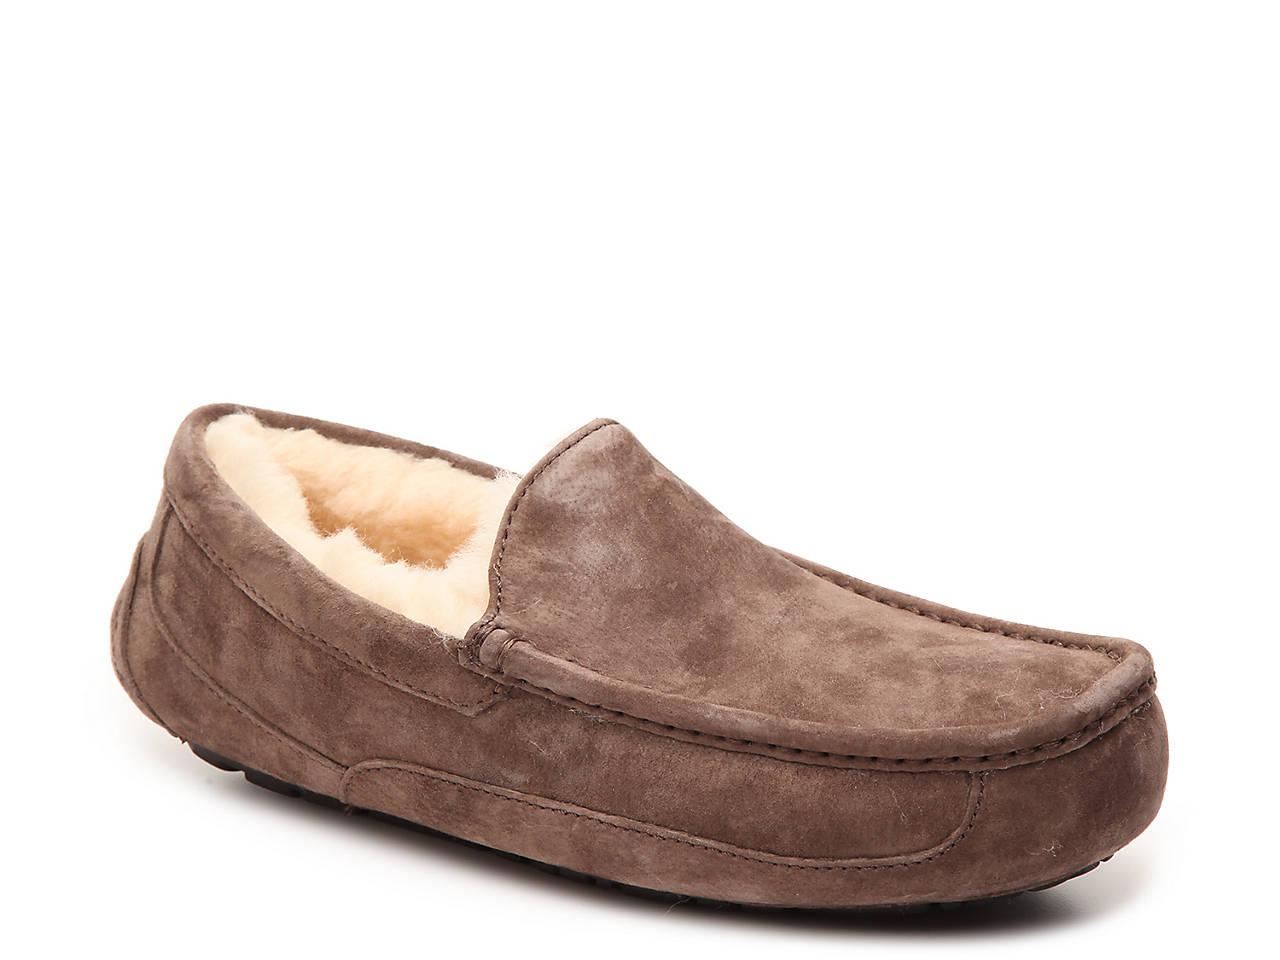 7c6c2172b UGG Australia Ascot Slipper Men s Shoes